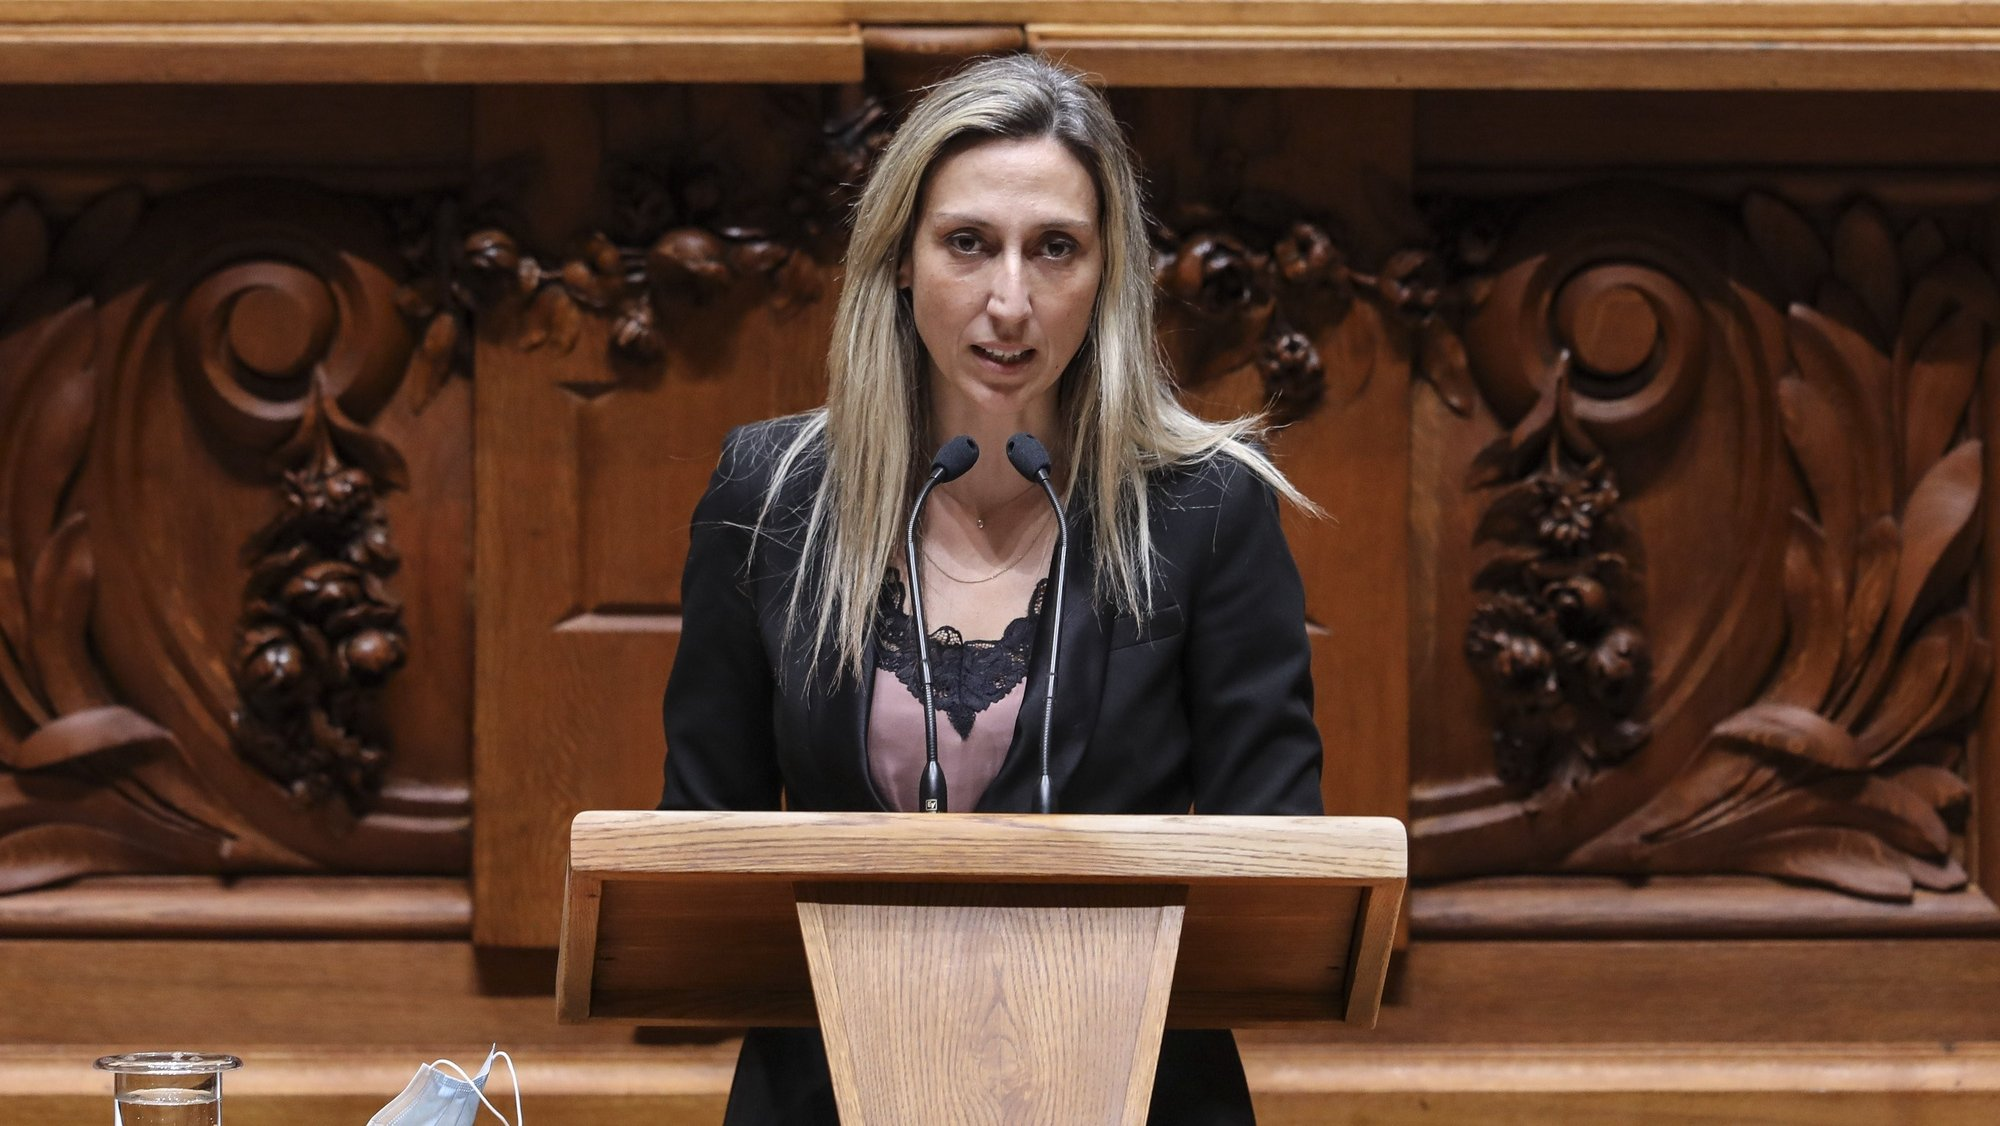 A deputada não inscrita Cristina Rodrigues intervém no debate parlamentar sobre os diplomas do PS, PAN, IL e Cristina Rodrigues, sobre ordens profissionais, esta tarde na Assembleia da República, em Lisboa, 13 de outubro de 2021. MIGUEL A. LOPES/LUSA